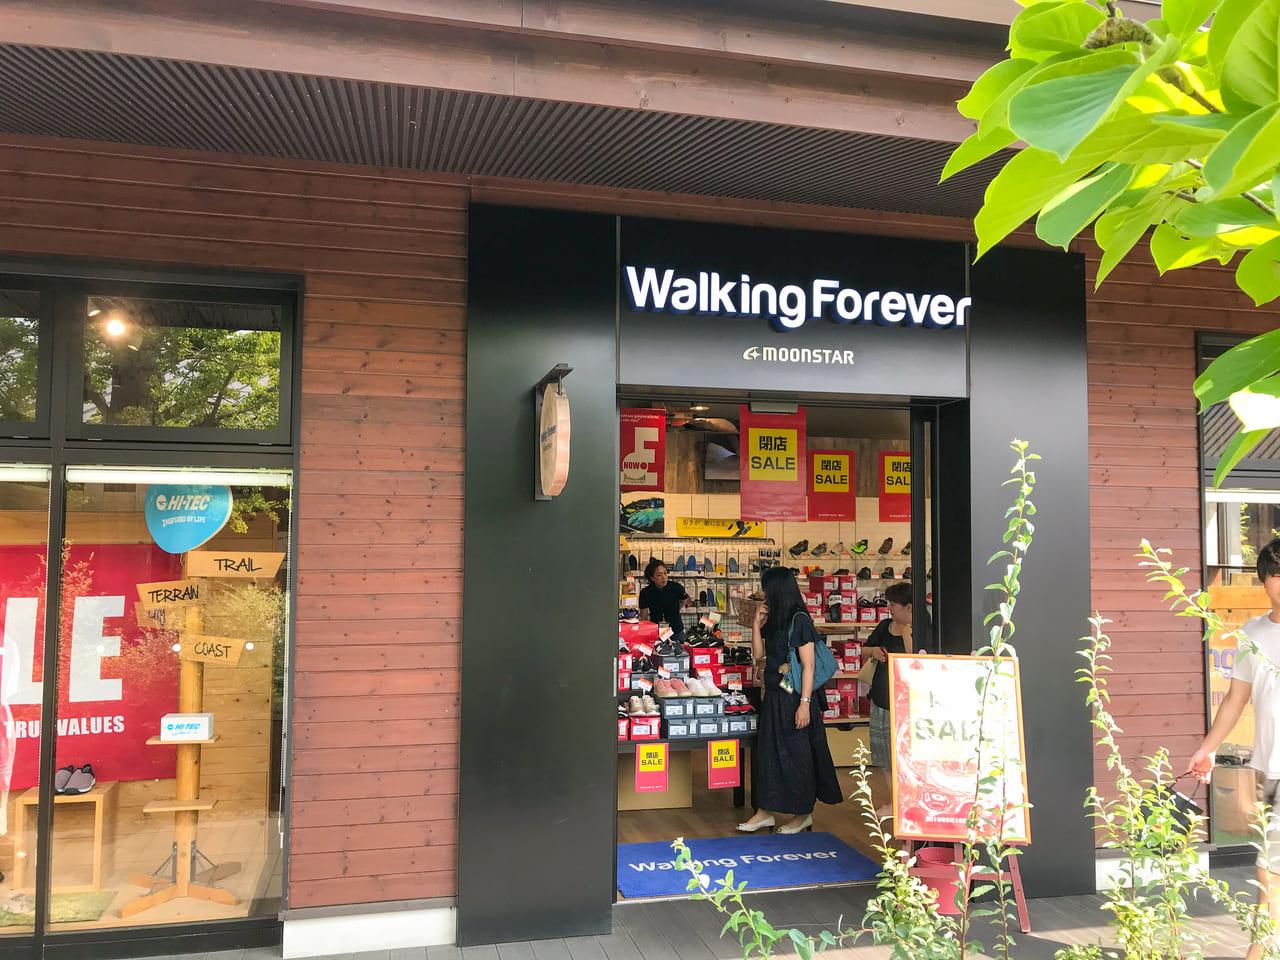 /Walking-Forever昭島アウトドアヴィレッジ店外観